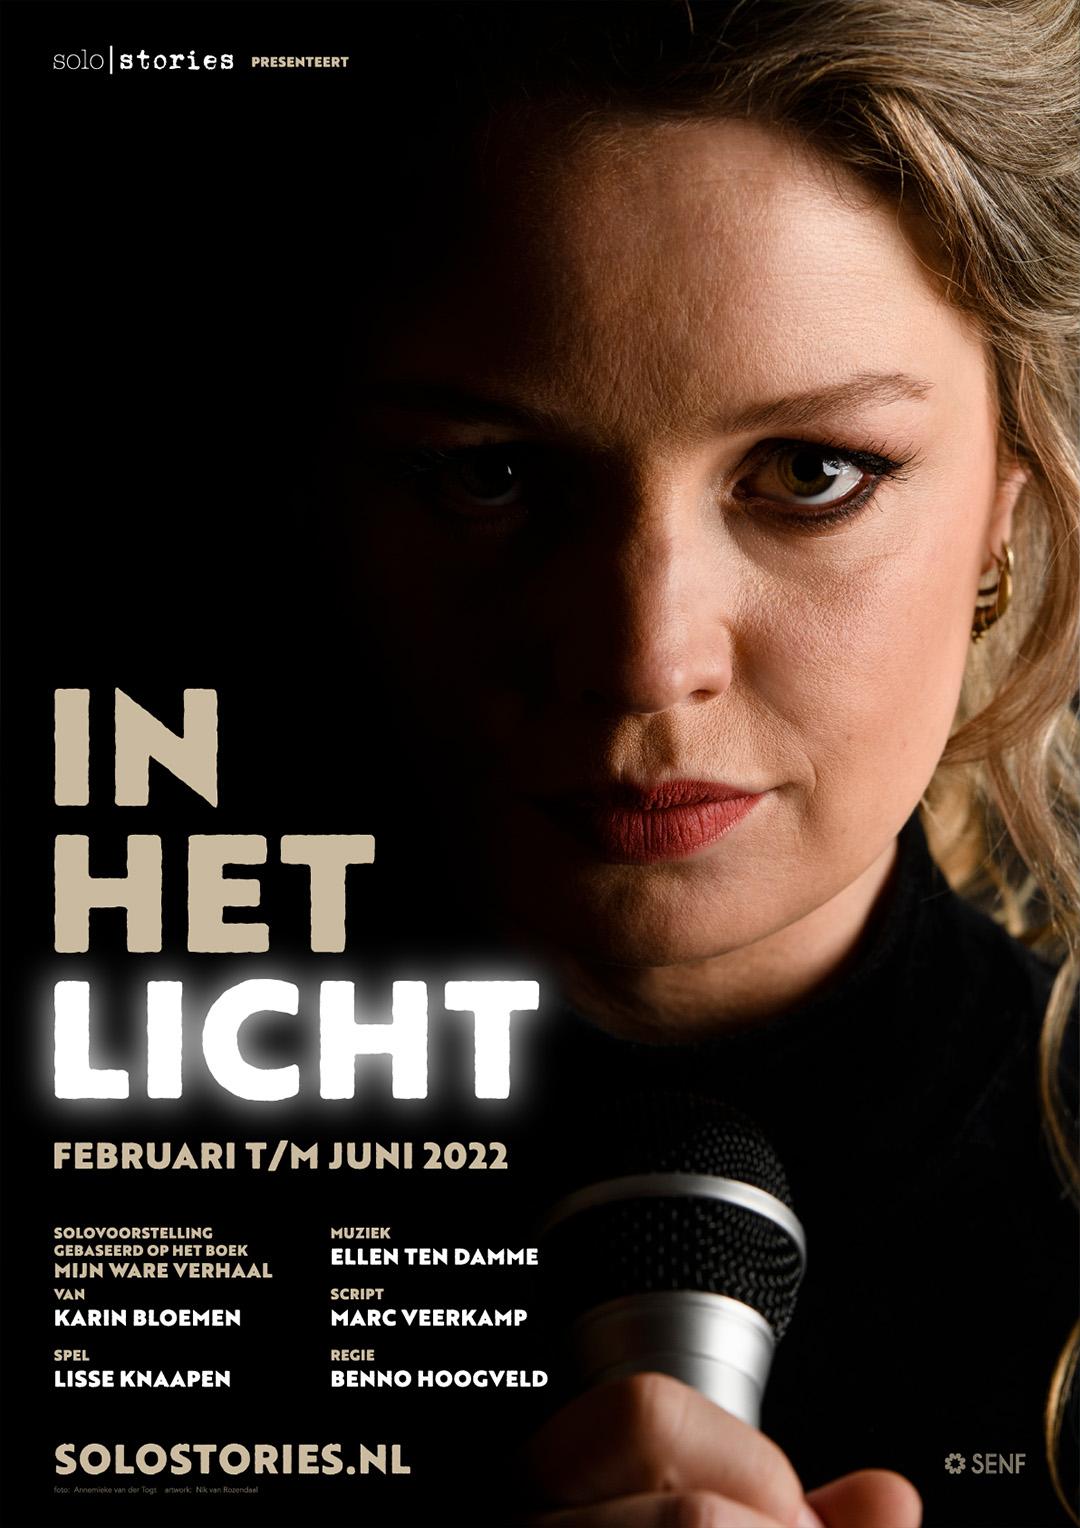 In Het Licht artwork